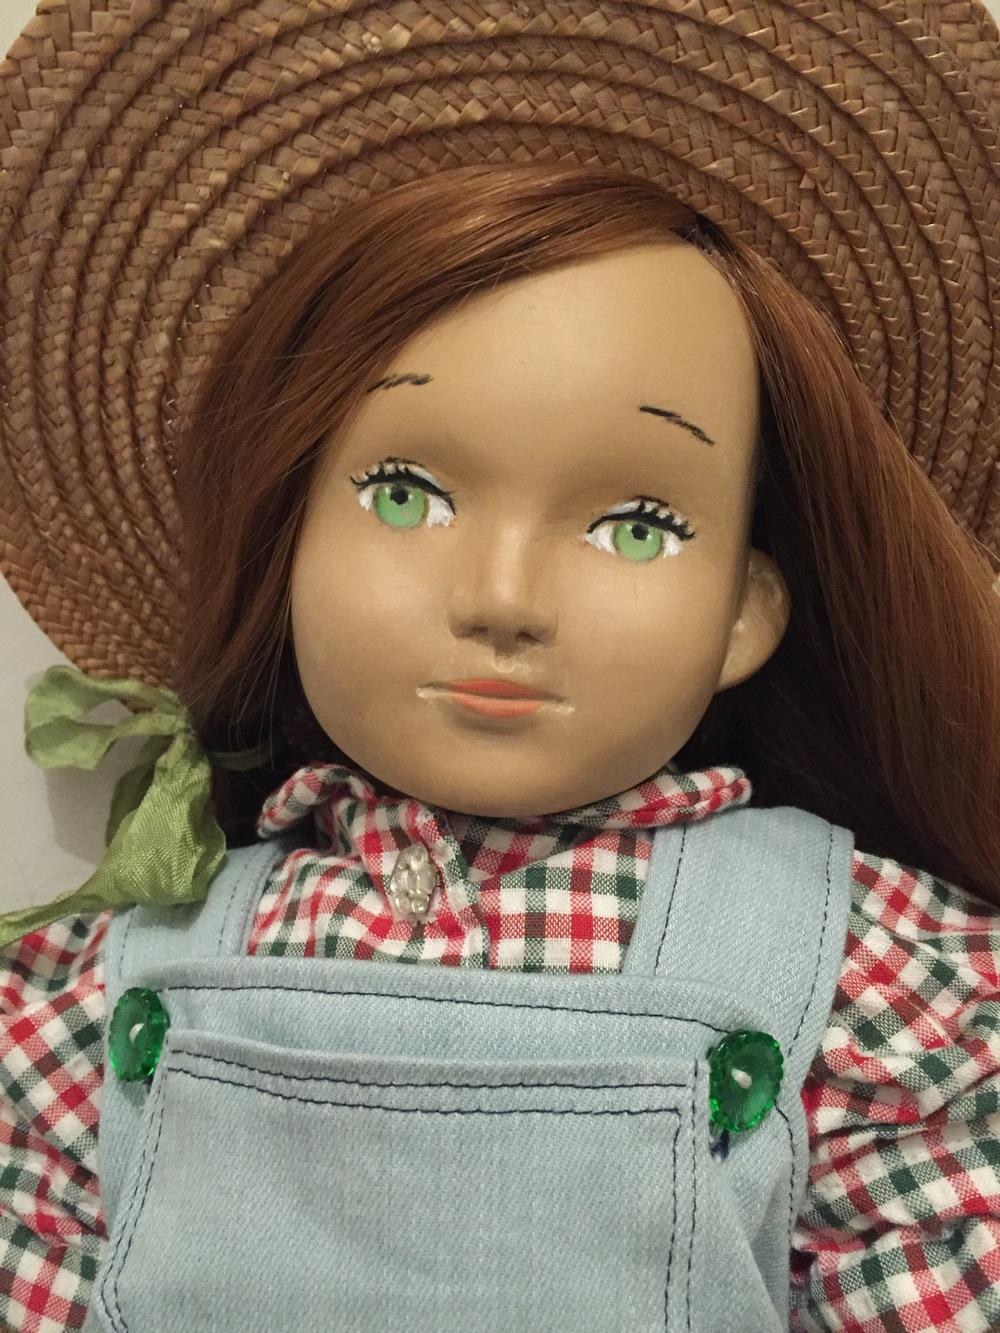 Nini Doll Fishing Girl